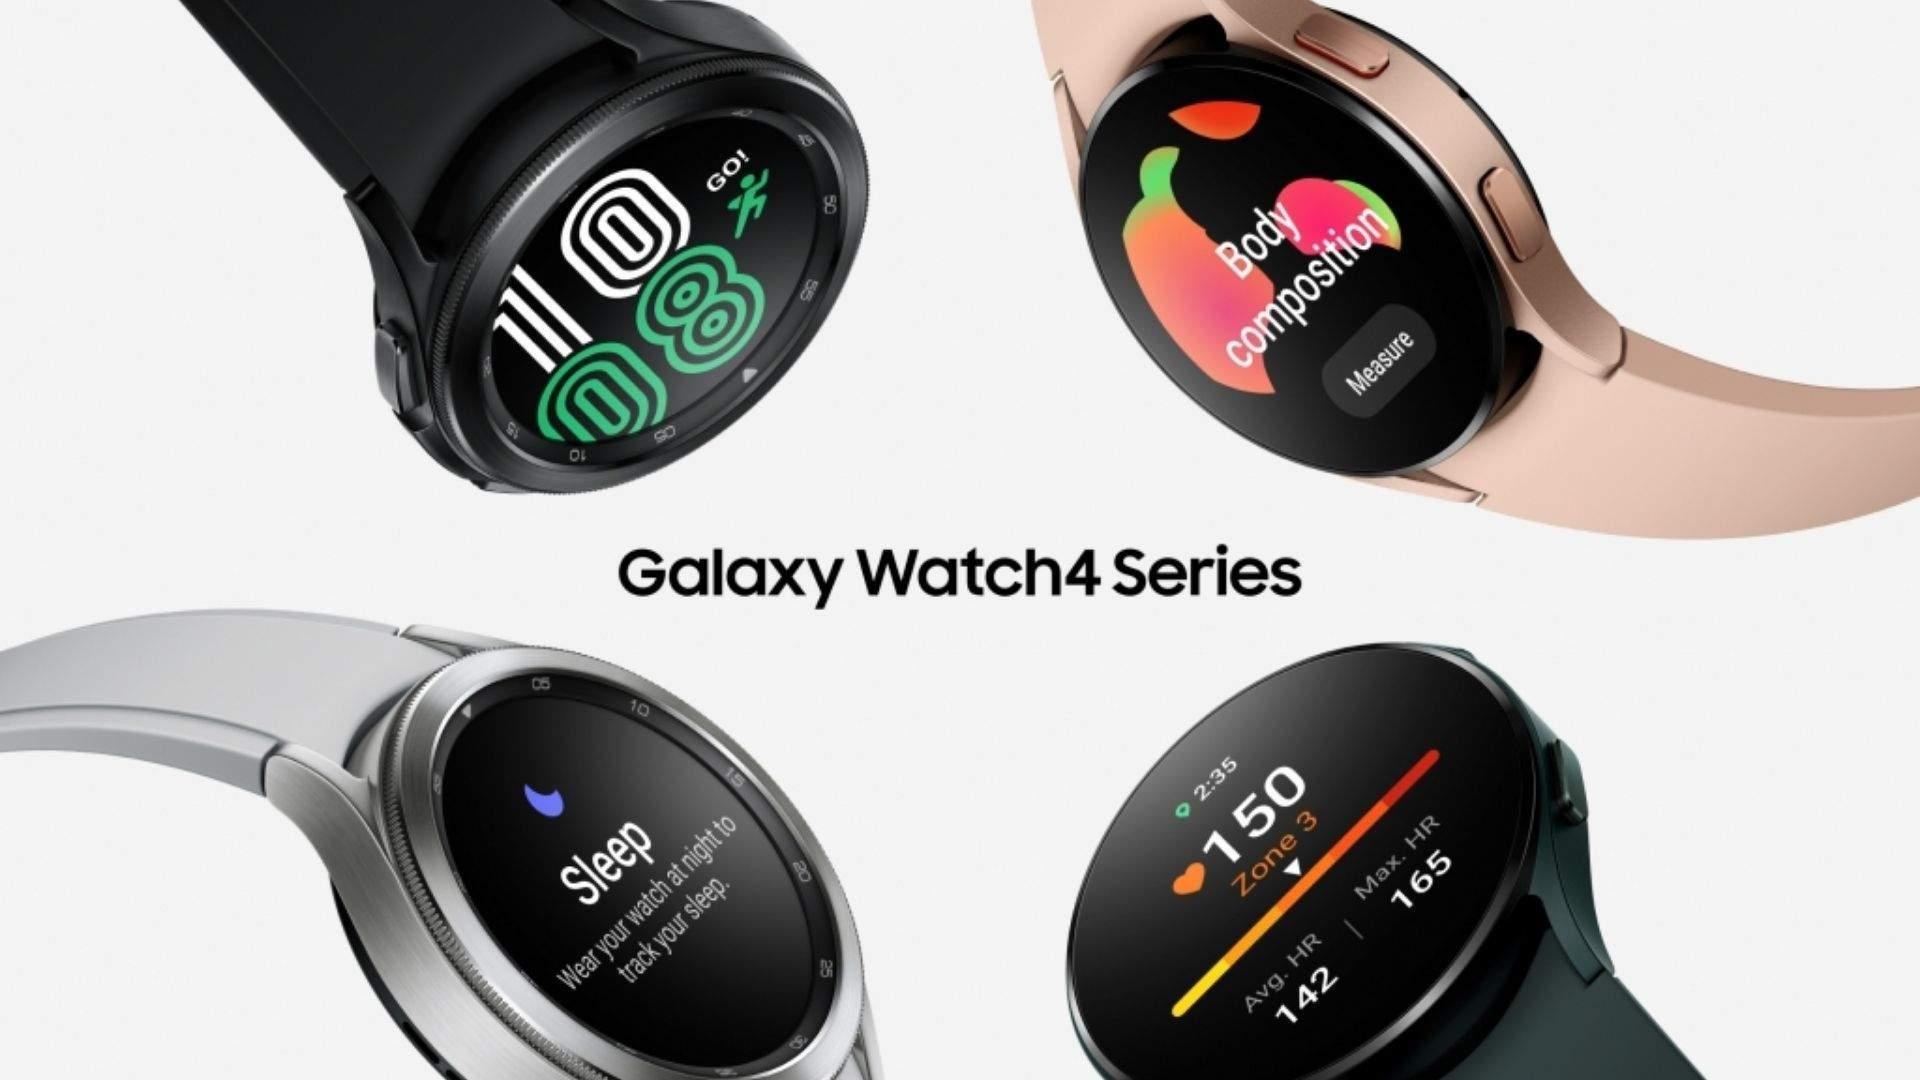 Quatro modelos de Galaxy Watch 4 em um fundo branco